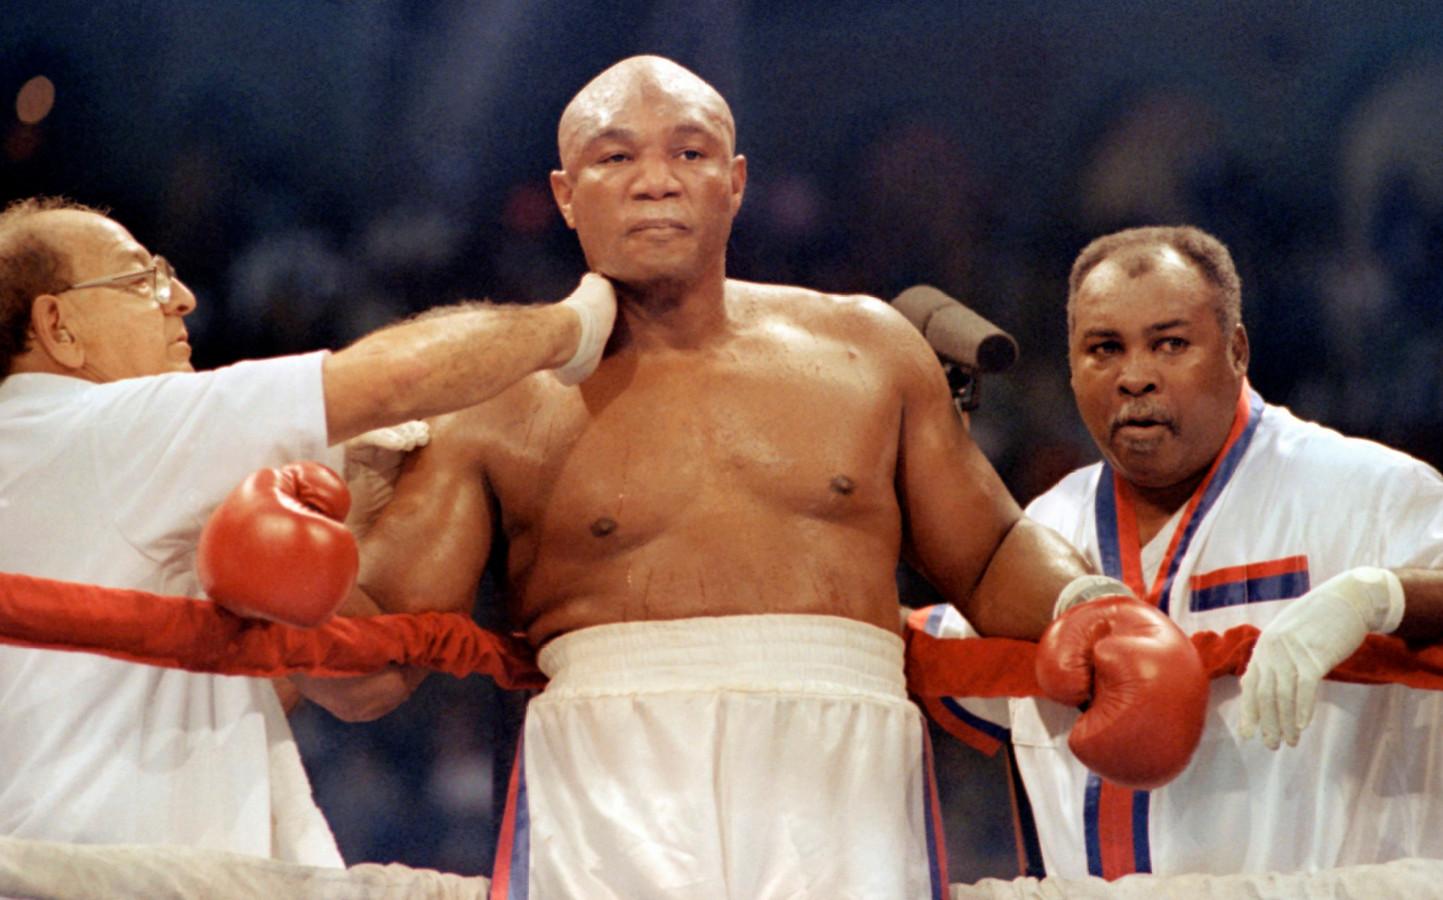 George Foreman in 1991, drie jaar voordat hij op 45-jarige leeftijd wereldkampioen in het zwaargewicht werd.